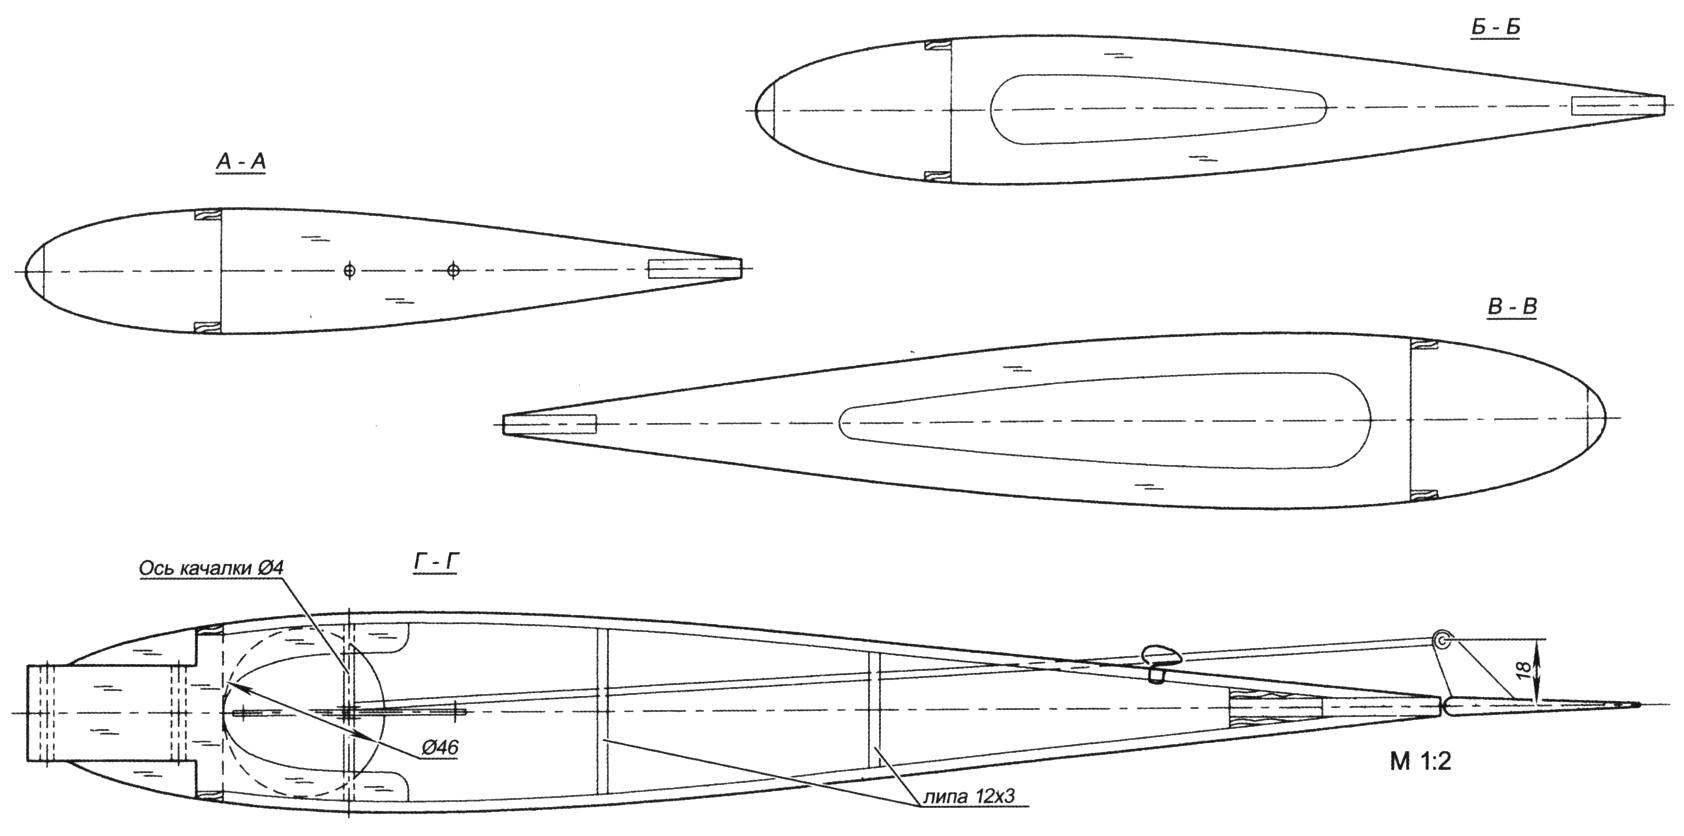 Кордовая модель класса F2D